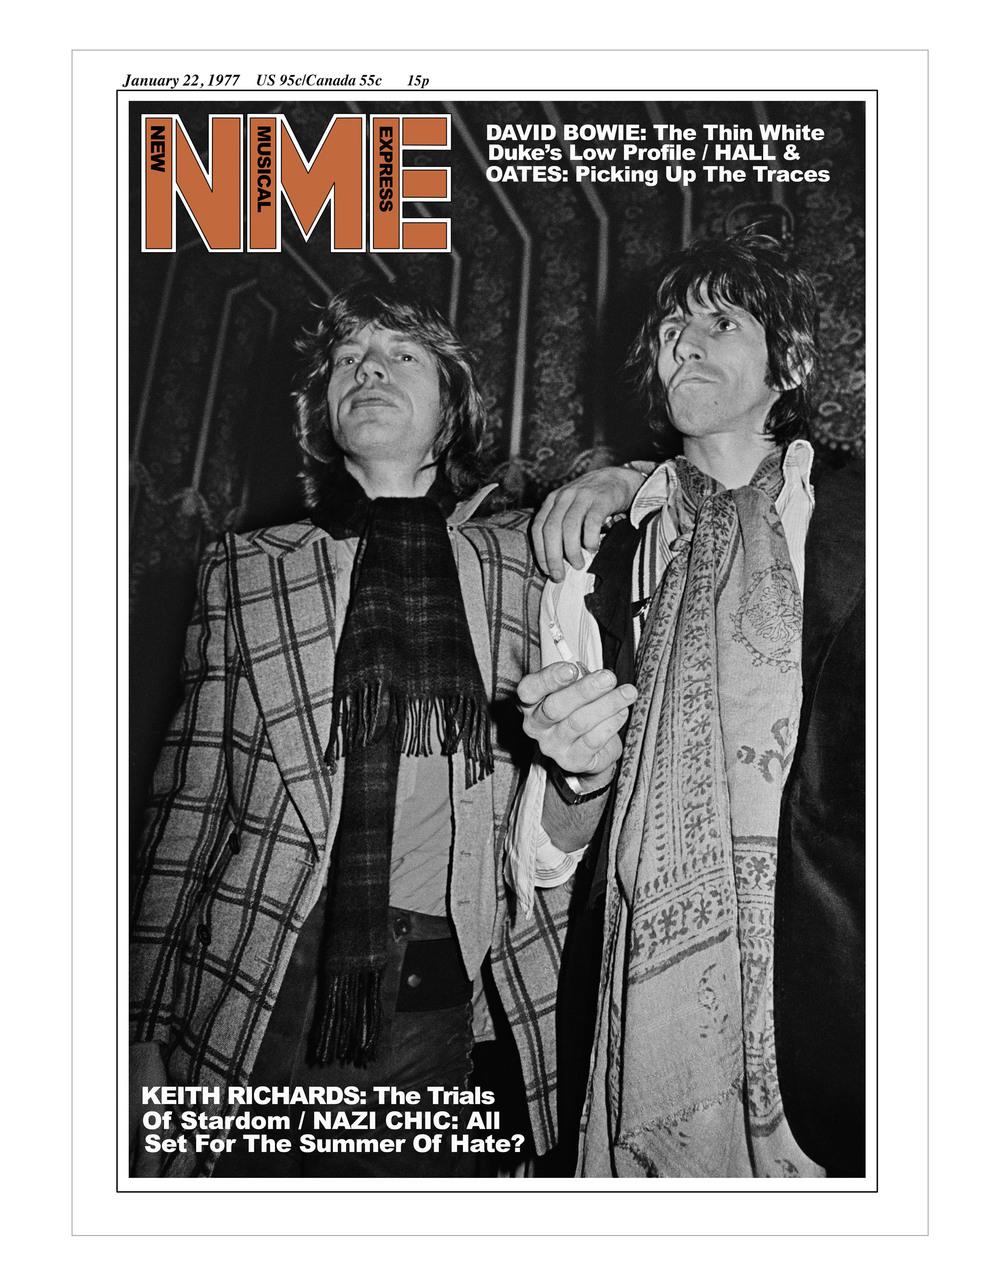 mick keef trial NME catalog.jpg